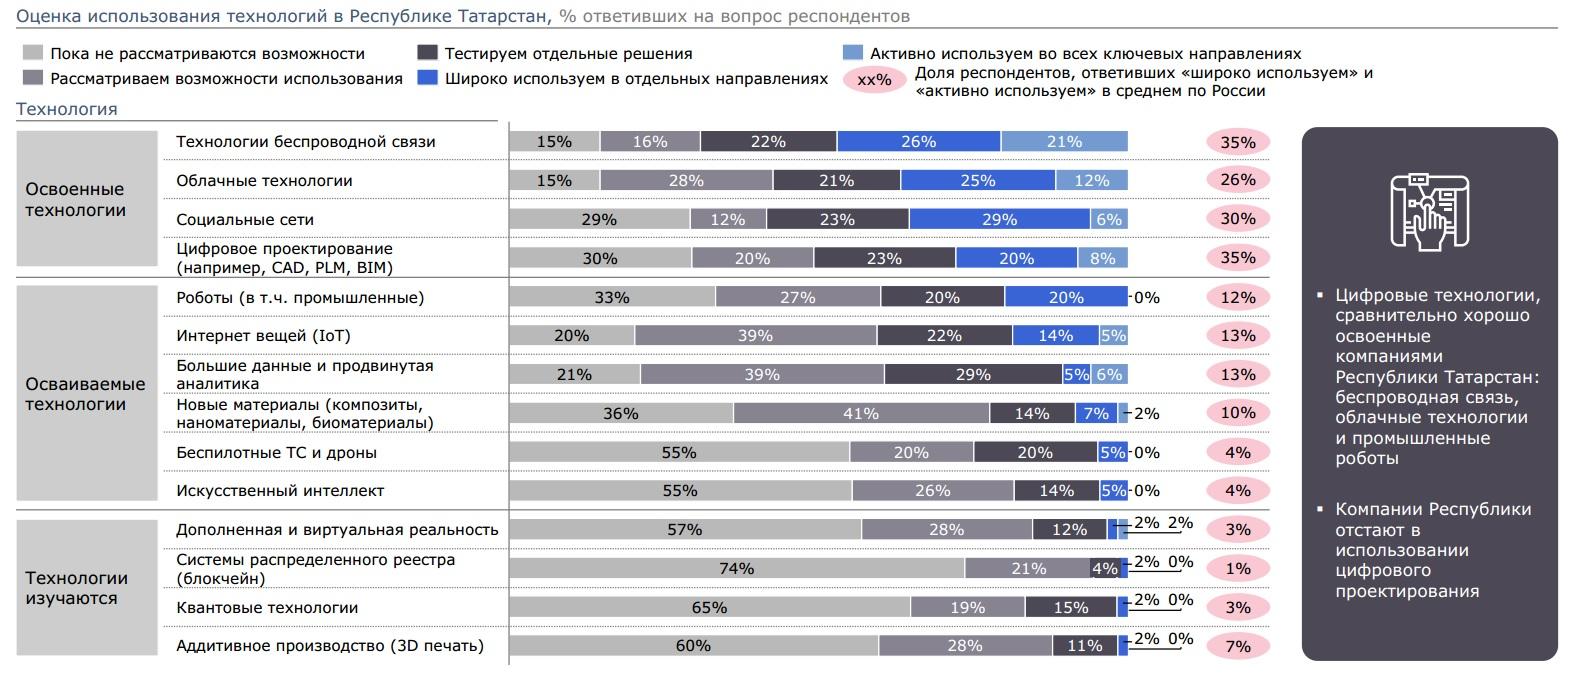 Как предприятия Татарстана используют технологии